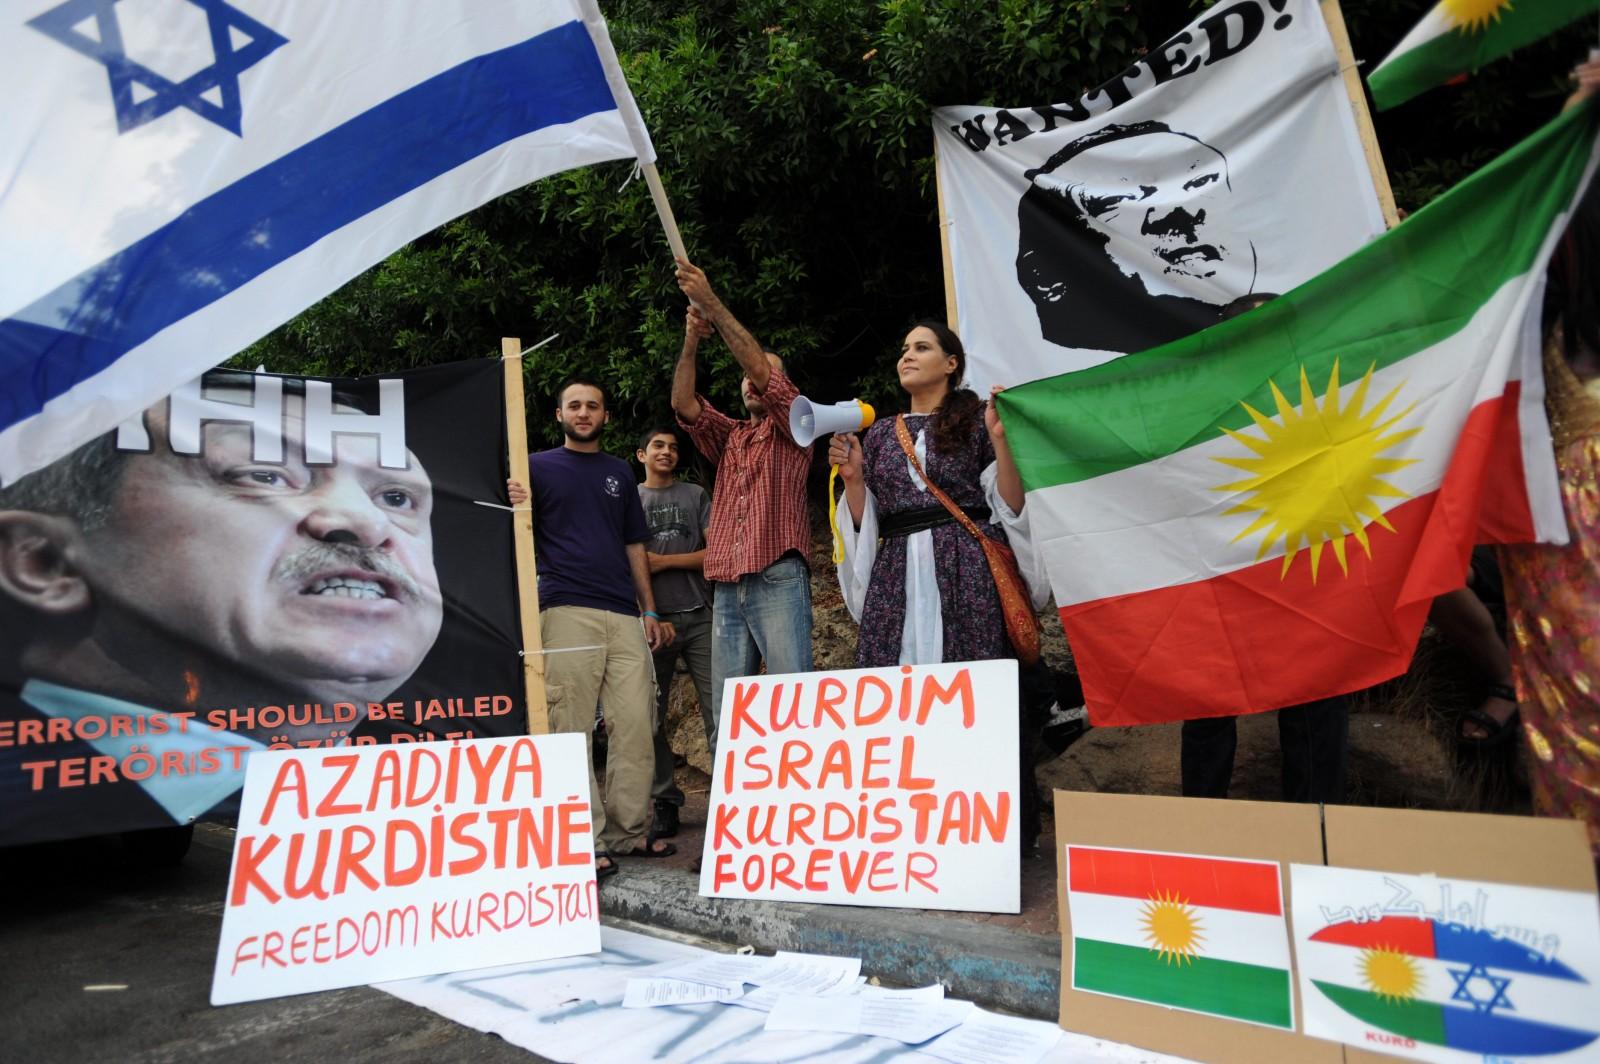 הפגנה אנטי-טורקית, 8.7.10 (צילום: גילי יערי)